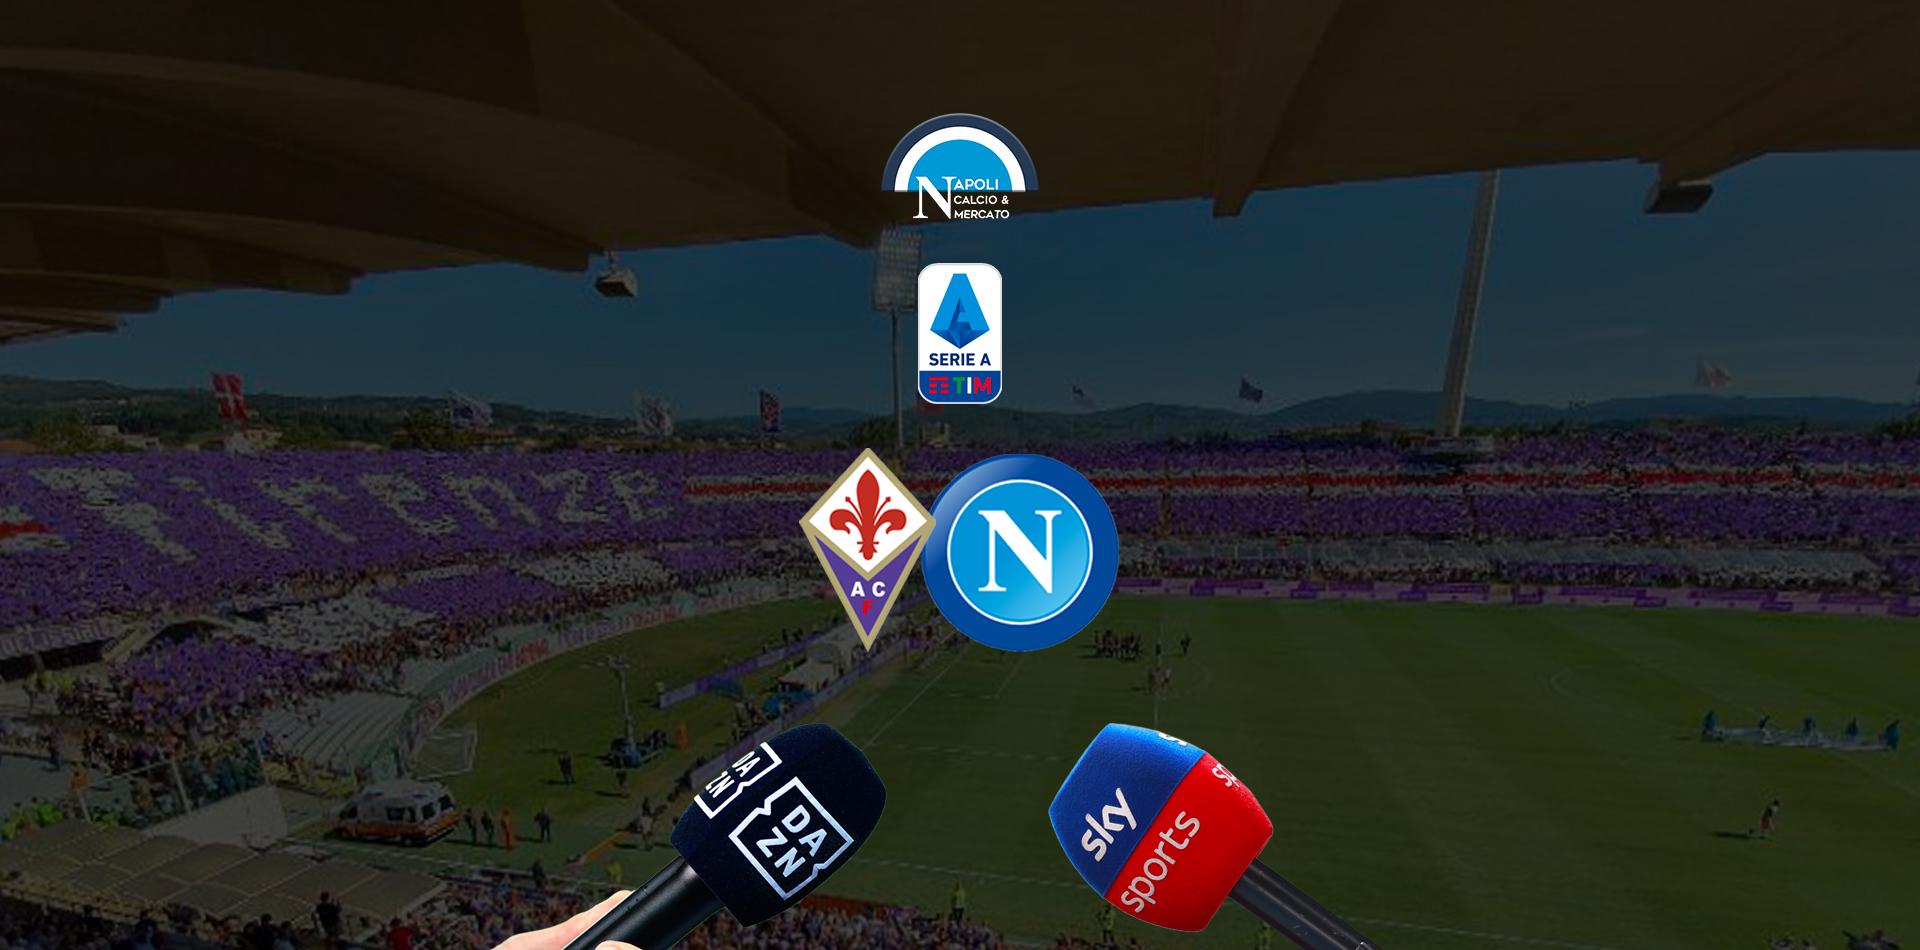 dove vedere fiorentina-napoli calcio serie a sky o dazn dove vederla in tv diretta streaming quando gioca il napoli oggi